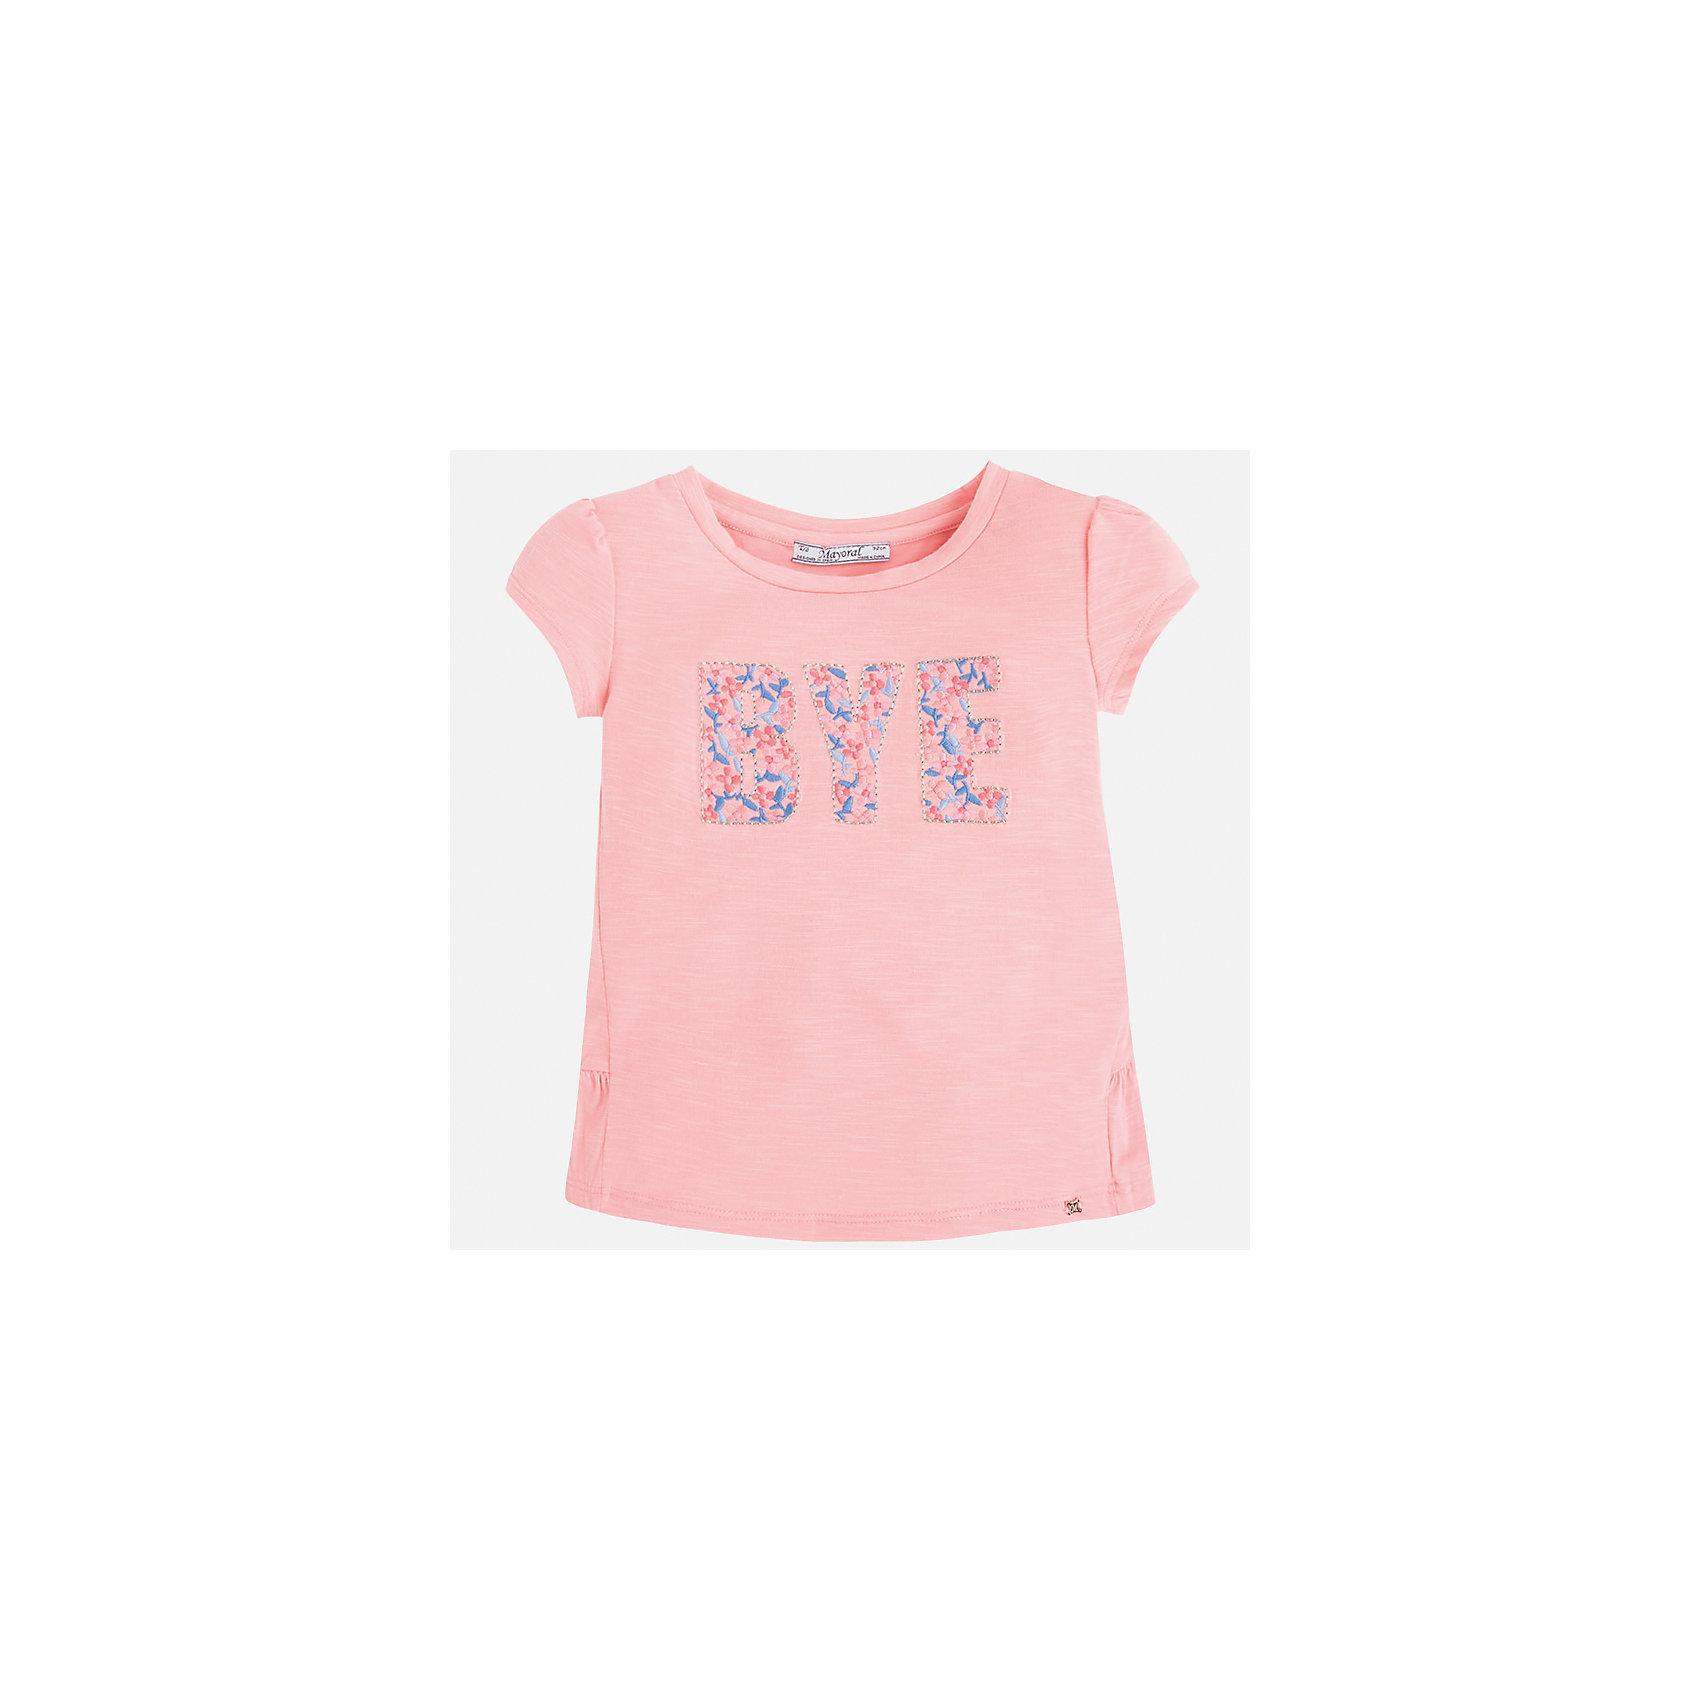 Футболка для девочки MayoralФутболки, поло и топы<br>Характеристики товара:<br><br>• цвет: розовый<br>• состав: 68% полиэстер, 28% вискоза, 4% эластан<br>• сложный крой<br>• декорирована принтом<br>• короткие рукава<br>• страна бренда: Испания<br><br>Модная оригинальная футболка для девочки поможет разнообразить гардероб ребенка и украсить наряд. Она отлично сочетается и с юбками, и с шортами, и с брюками. Универсальный цвет позволяет подобрать к вещи низ практически любой расцветки. Интересная отделка модели делает её нарядной и оригинальной. В составе материала - натуральный хлопок, гипоаллергенный, приятный на ощупь, дышащий.<br><br>Одежда, обувь и аксессуары от испанского бренда Mayoral полюбились детям и взрослым по всему миру. Модели этой марки - стильные и удобные. Для их производства используются только безопасные, качественные материалы и фурнитура. Порадуйте ребенка модными и красивыми вещами от Mayoral! <br><br>Футболку для девочки от испанского бренда Mayoral (Майорал) можно купить в нашем интернет-магазине.<br><br>Ширина мм: 199<br>Глубина мм: 10<br>Высота мм: 161<br>Вес г: 151<br>Цвет: розовый<br>Возраст от месяцев: 18<br>Возраст до месяцев: 24<br>Пол: Женский<br>Возраст: Детский<br>Размер: 92,110,104,122,128,134,116,98<br>SKU: 3992128